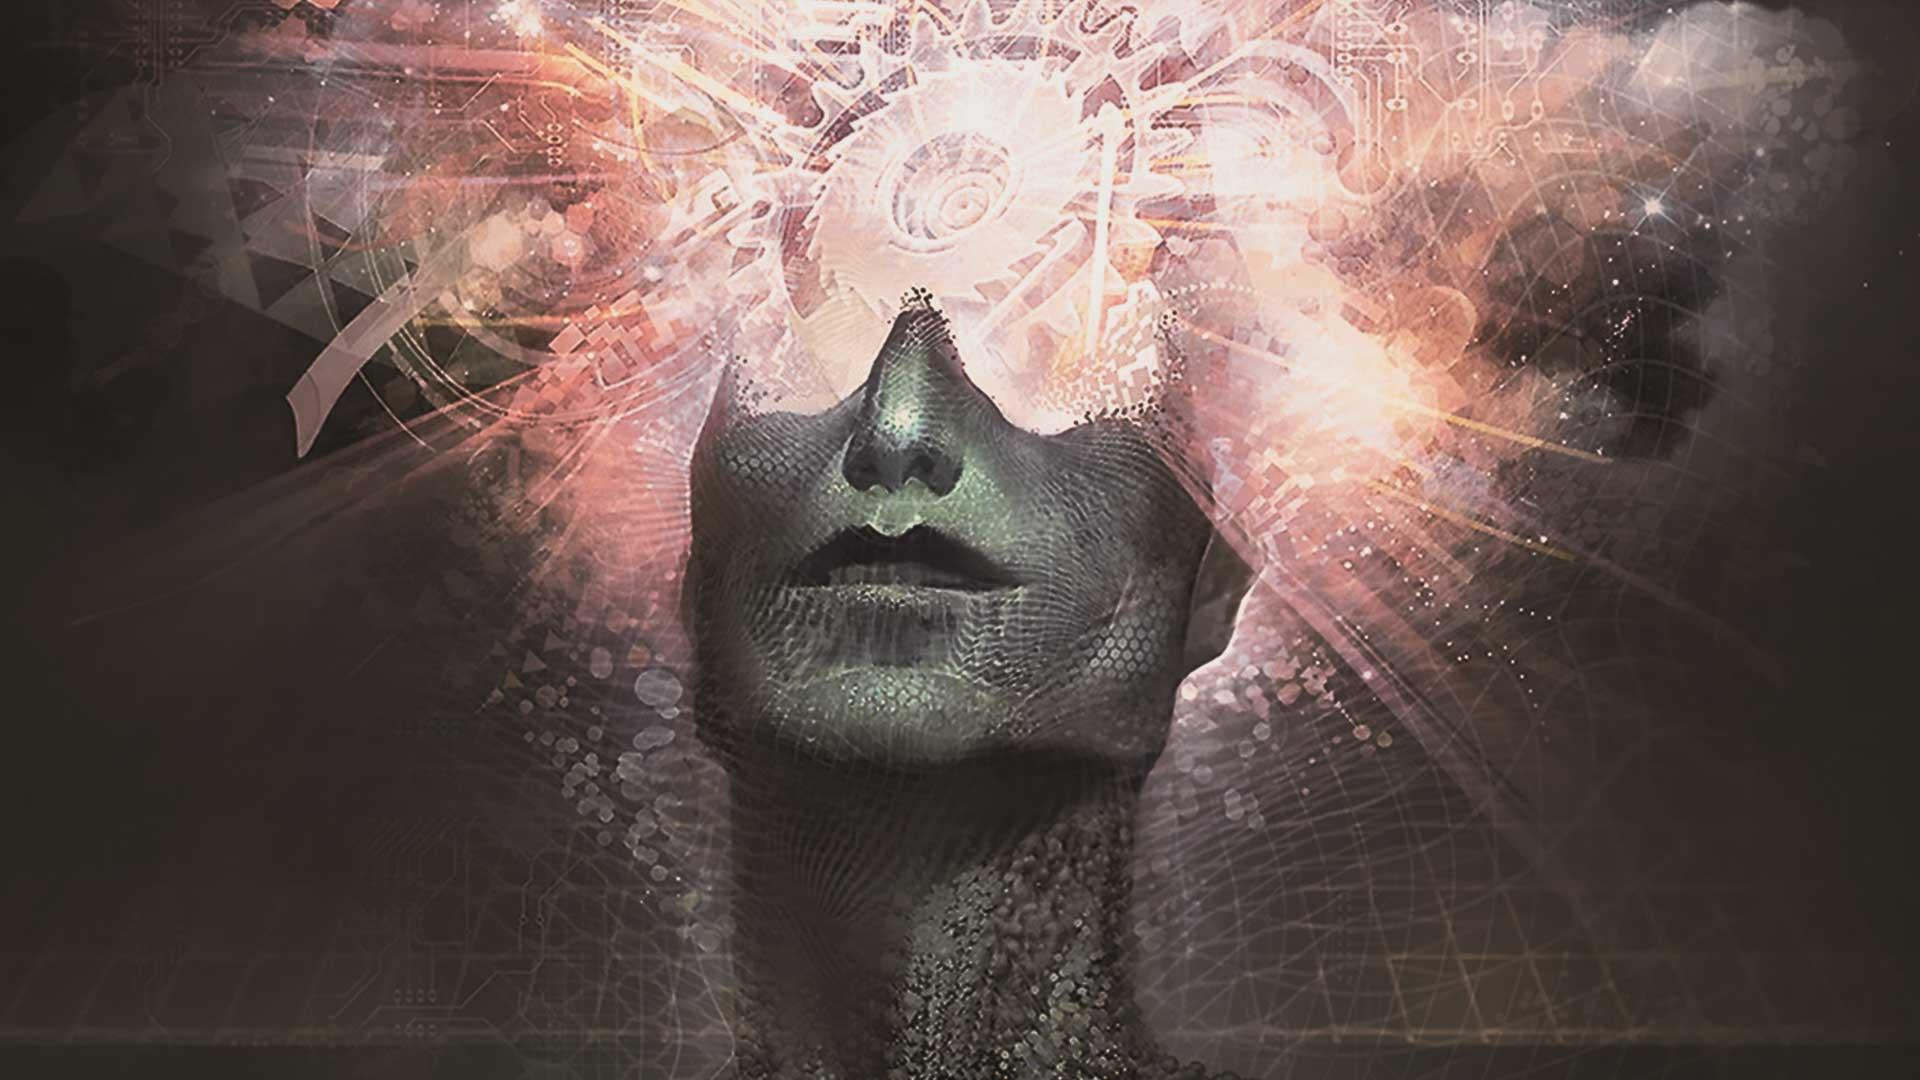 La Glándula Pineal es un Portal: El Secreto más Importante que la Élite nos ha Ocultado